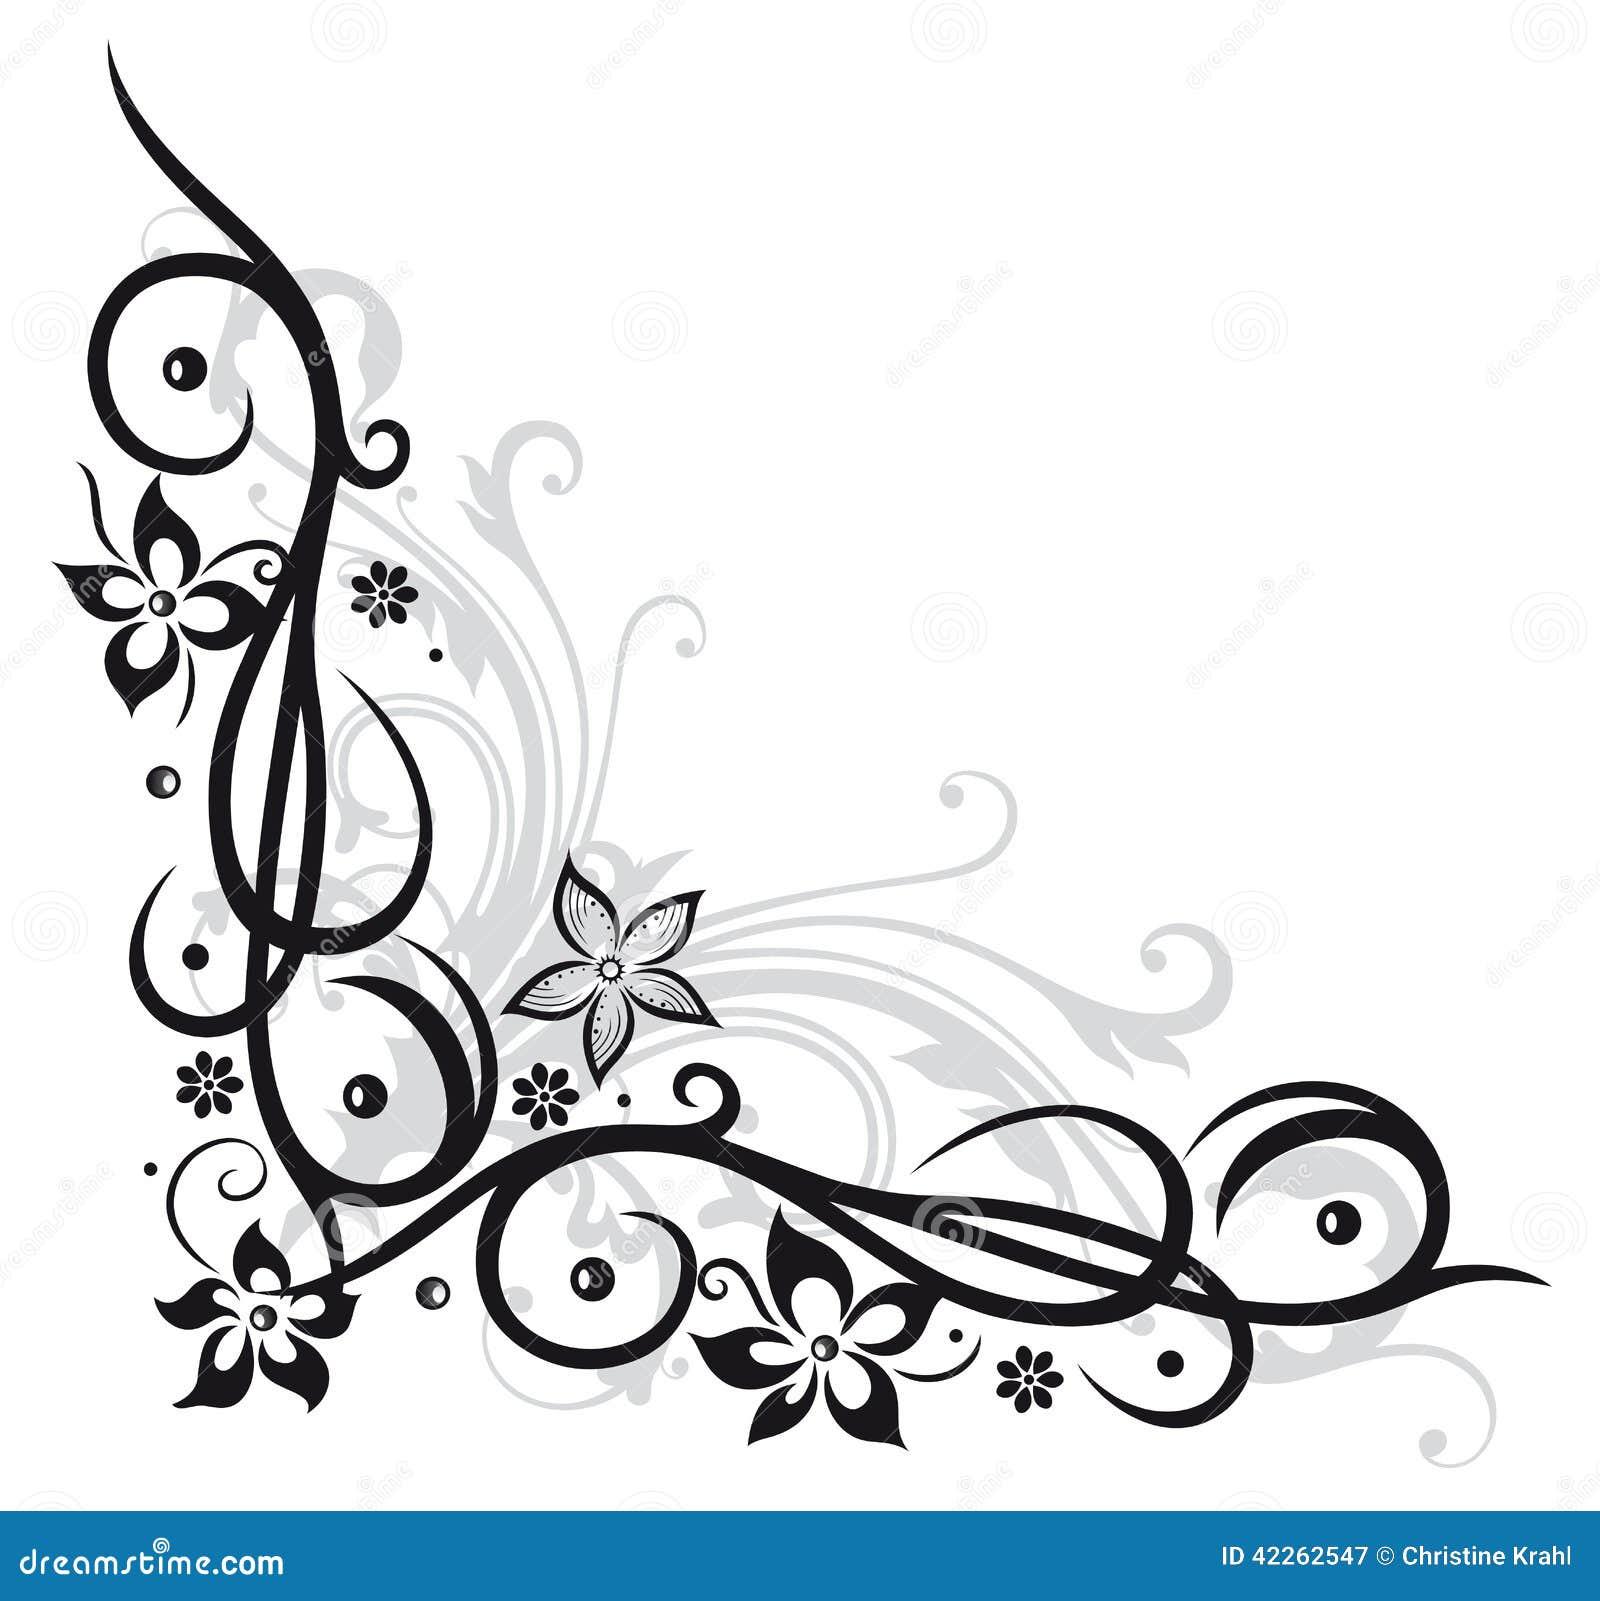 flower decoration stock vector image 42262547. Black Bedroom Furniture Sets. Home Design Ideas